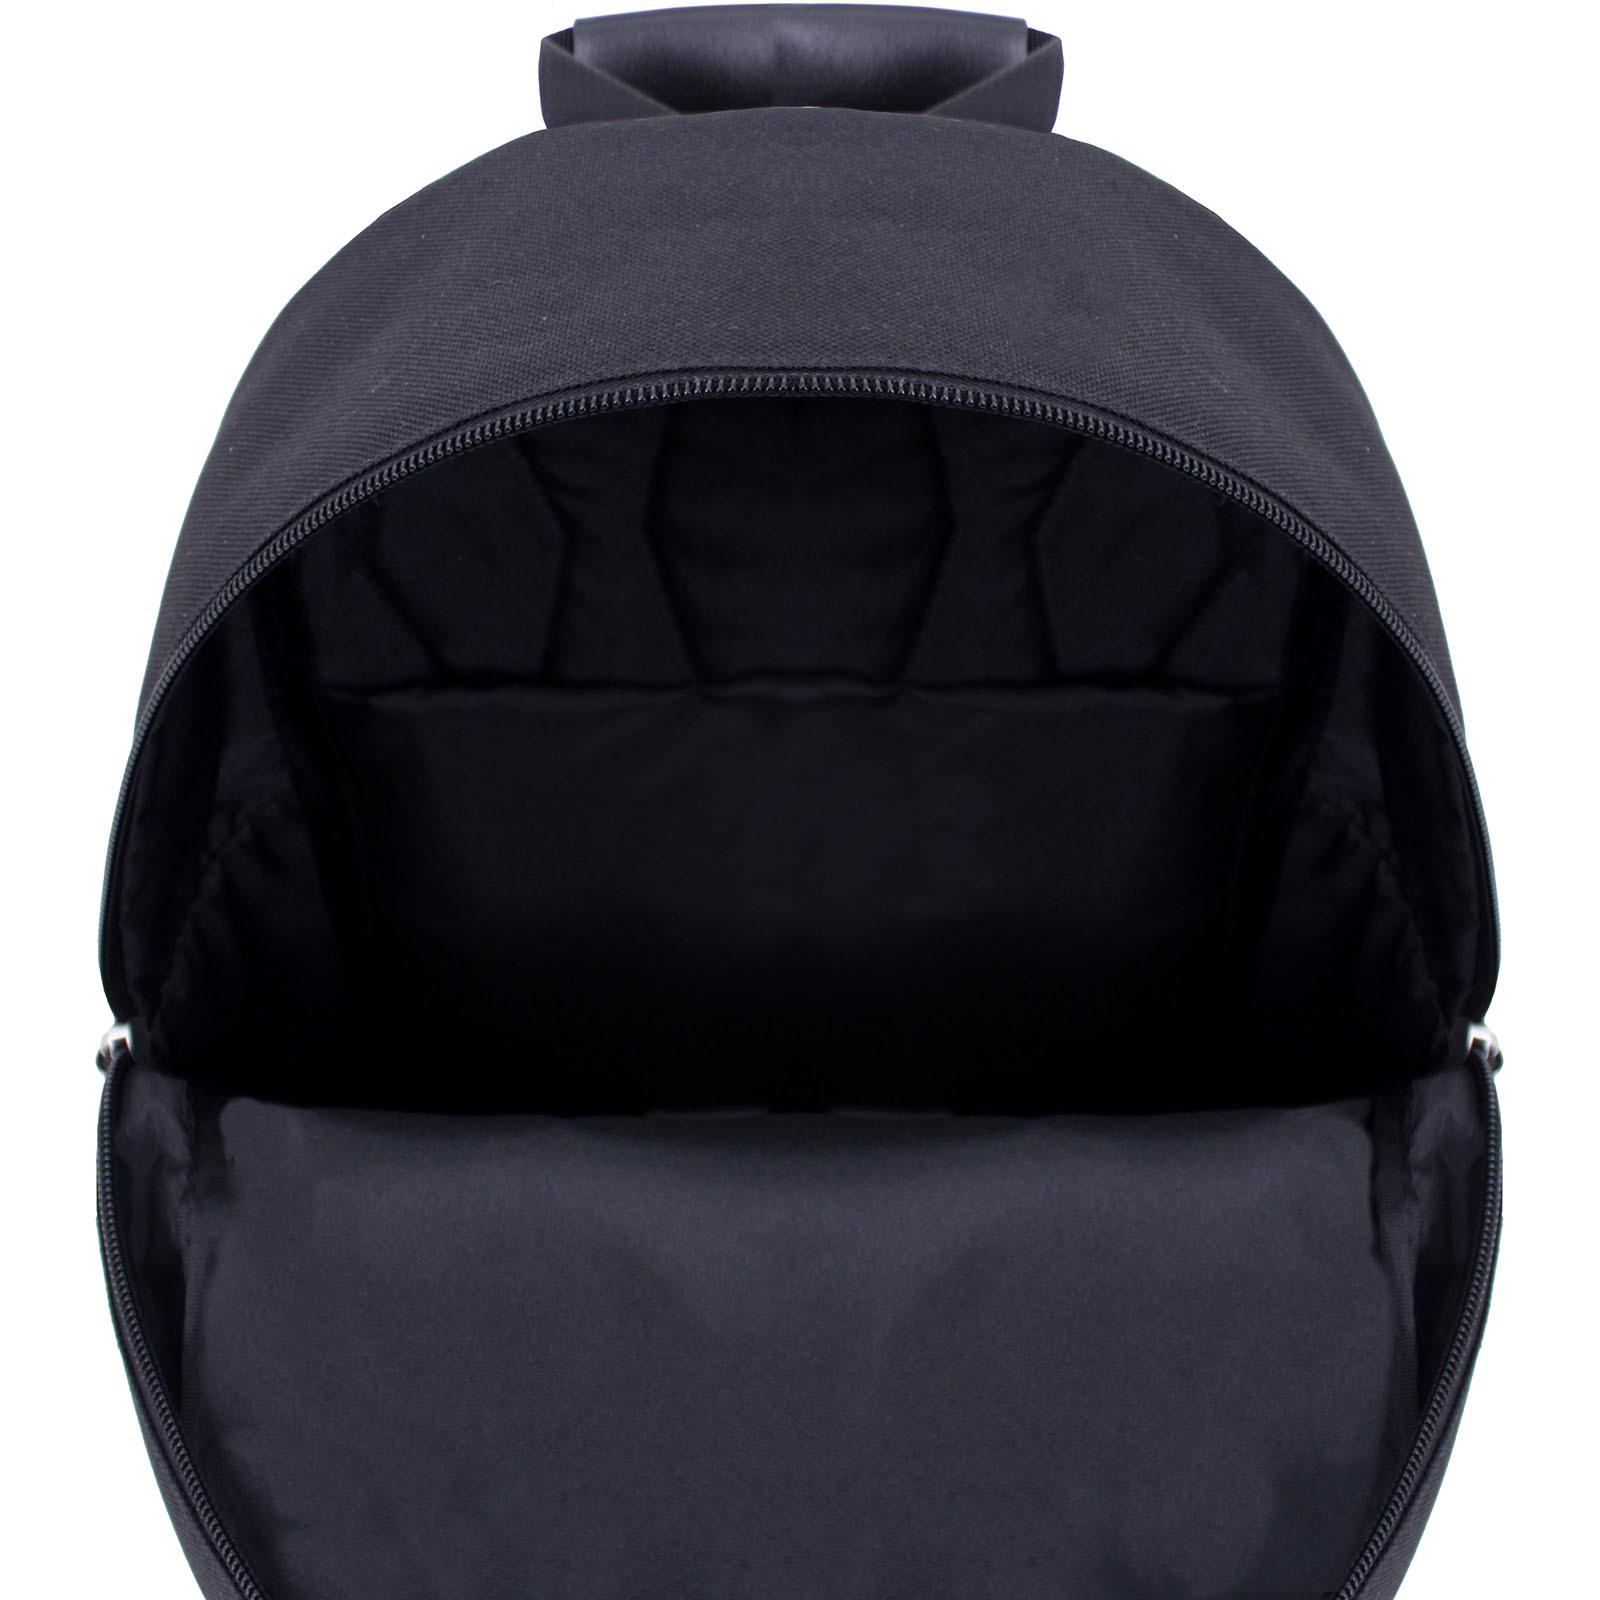 Рюкзак Bagland Frost 13 л. черный сублимация 454 (00540663) фото 4